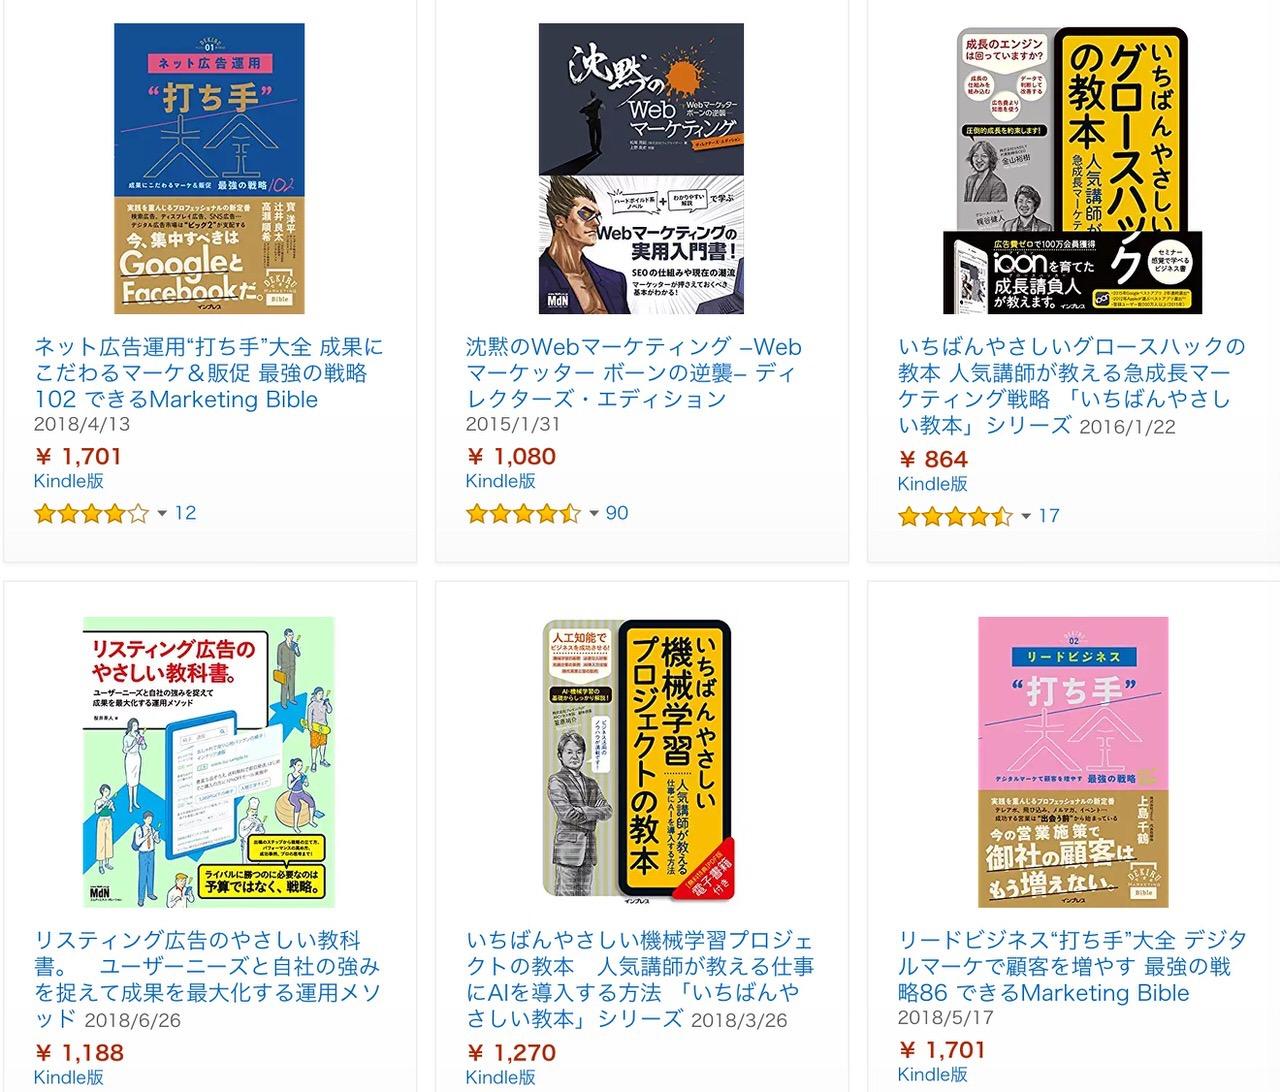 【Kindleセール】最大50%OFF「マーケティング・宣伝・広告関連本セール」(10/11まで)